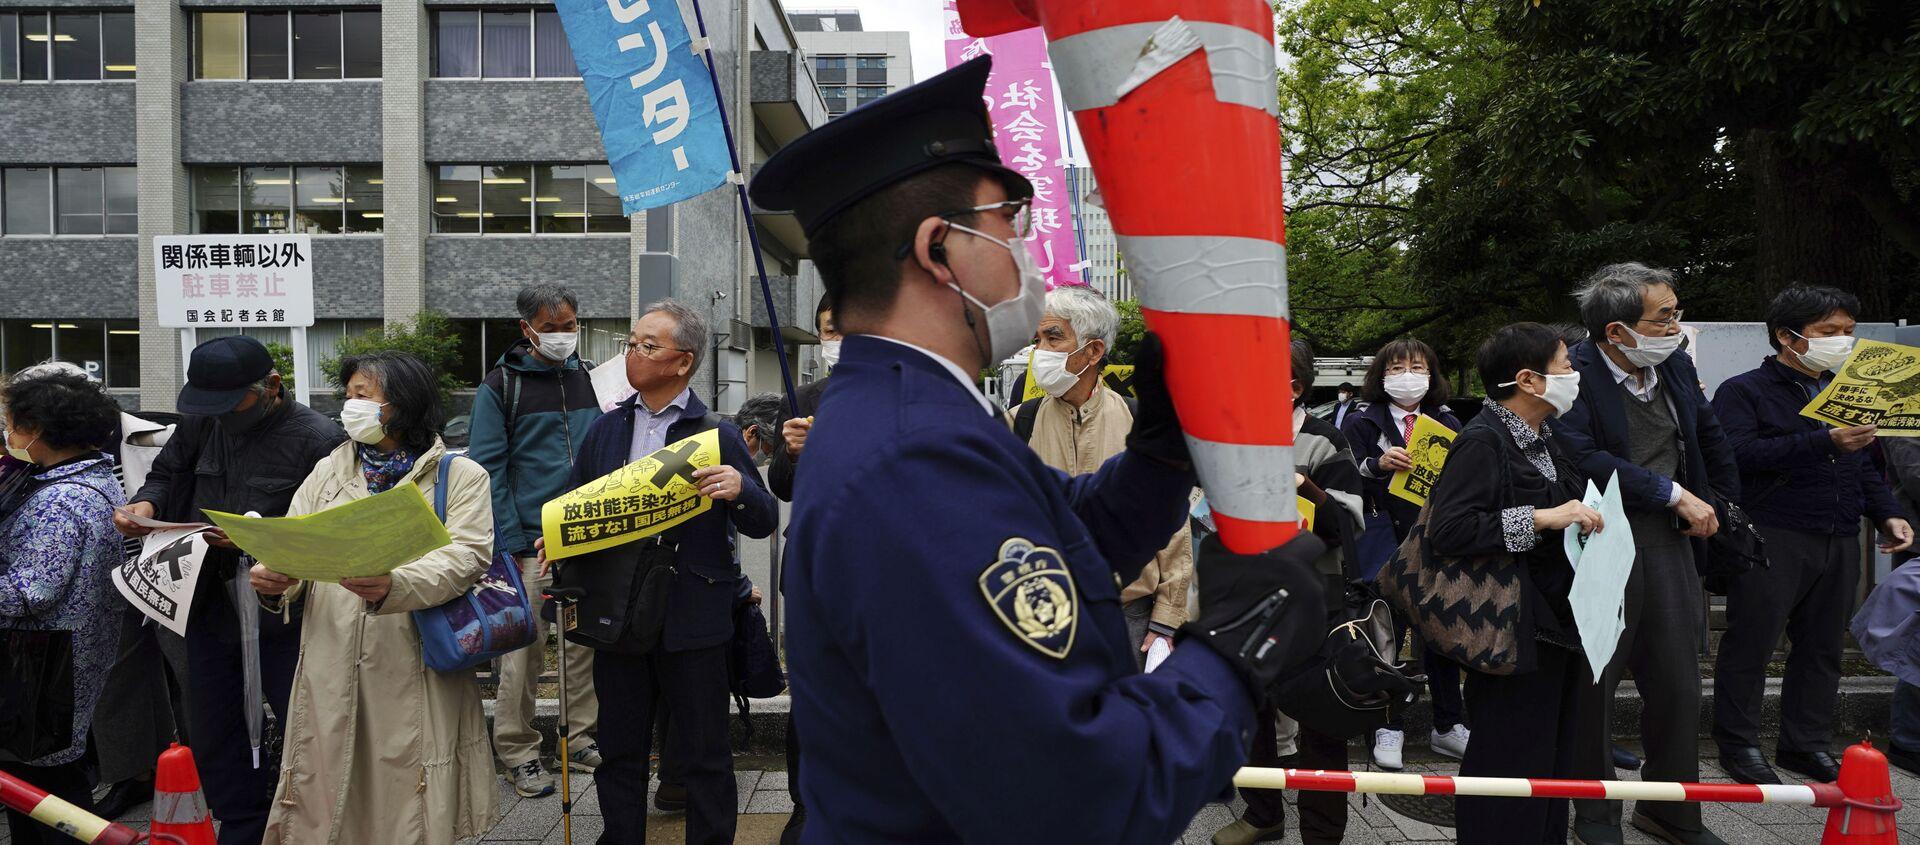 Le persone protestano contro la decisione del governo di rilasciare enormi quantità di acqua radioattiva dalla centrale nucleare di Fukushima nell'oceano, davanti alla residenza del Primo ministro giapponese a Tokyo martedì 13 aprile 2021 - Sputnik Italia, 1920, 13.04.2021